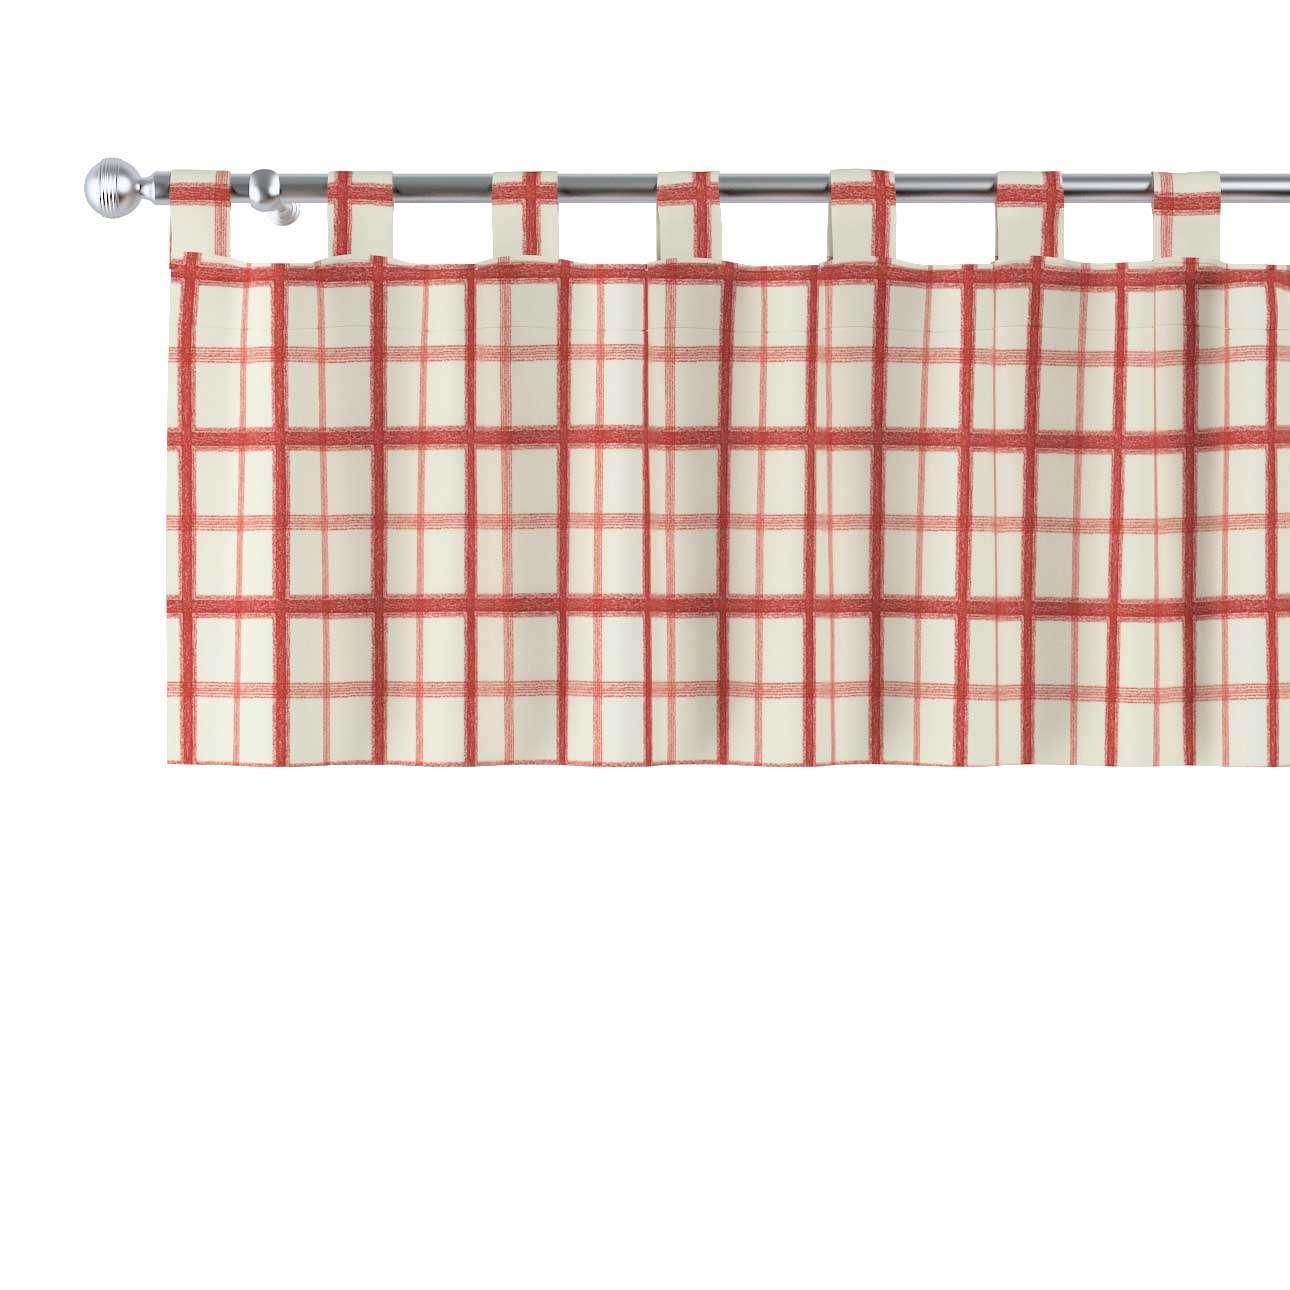 Trumpa užuolaidėlė (lambrekenas) kilpinis klostavimas 130x40cm kolekcijoje Avinon, audinys: 131-15